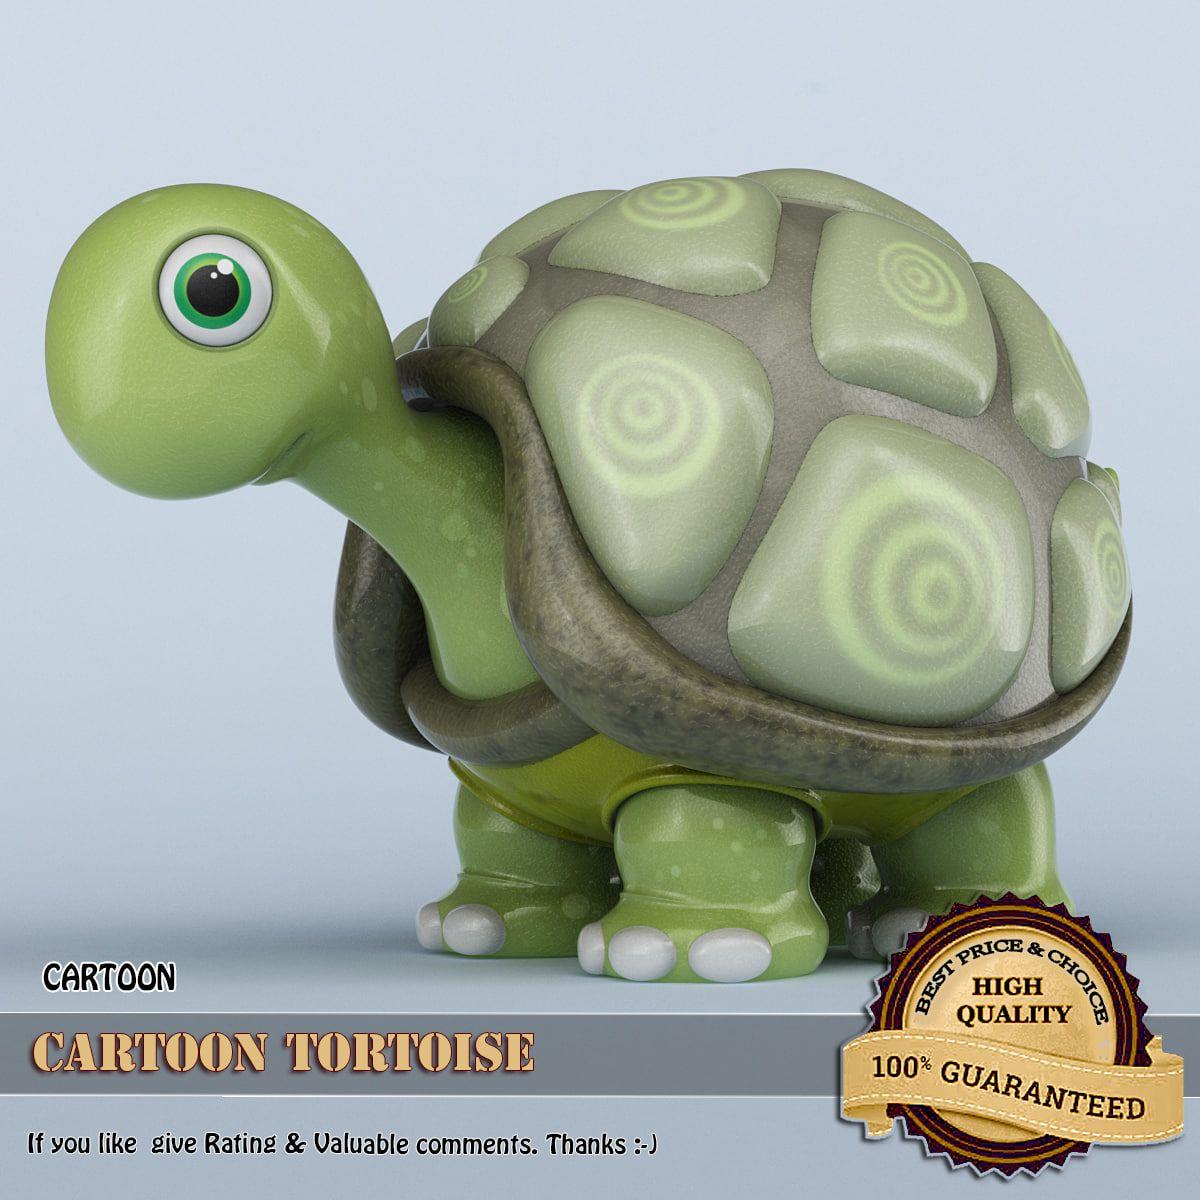 Cartoon tortoise max d model dmodeling pinterest tortoise